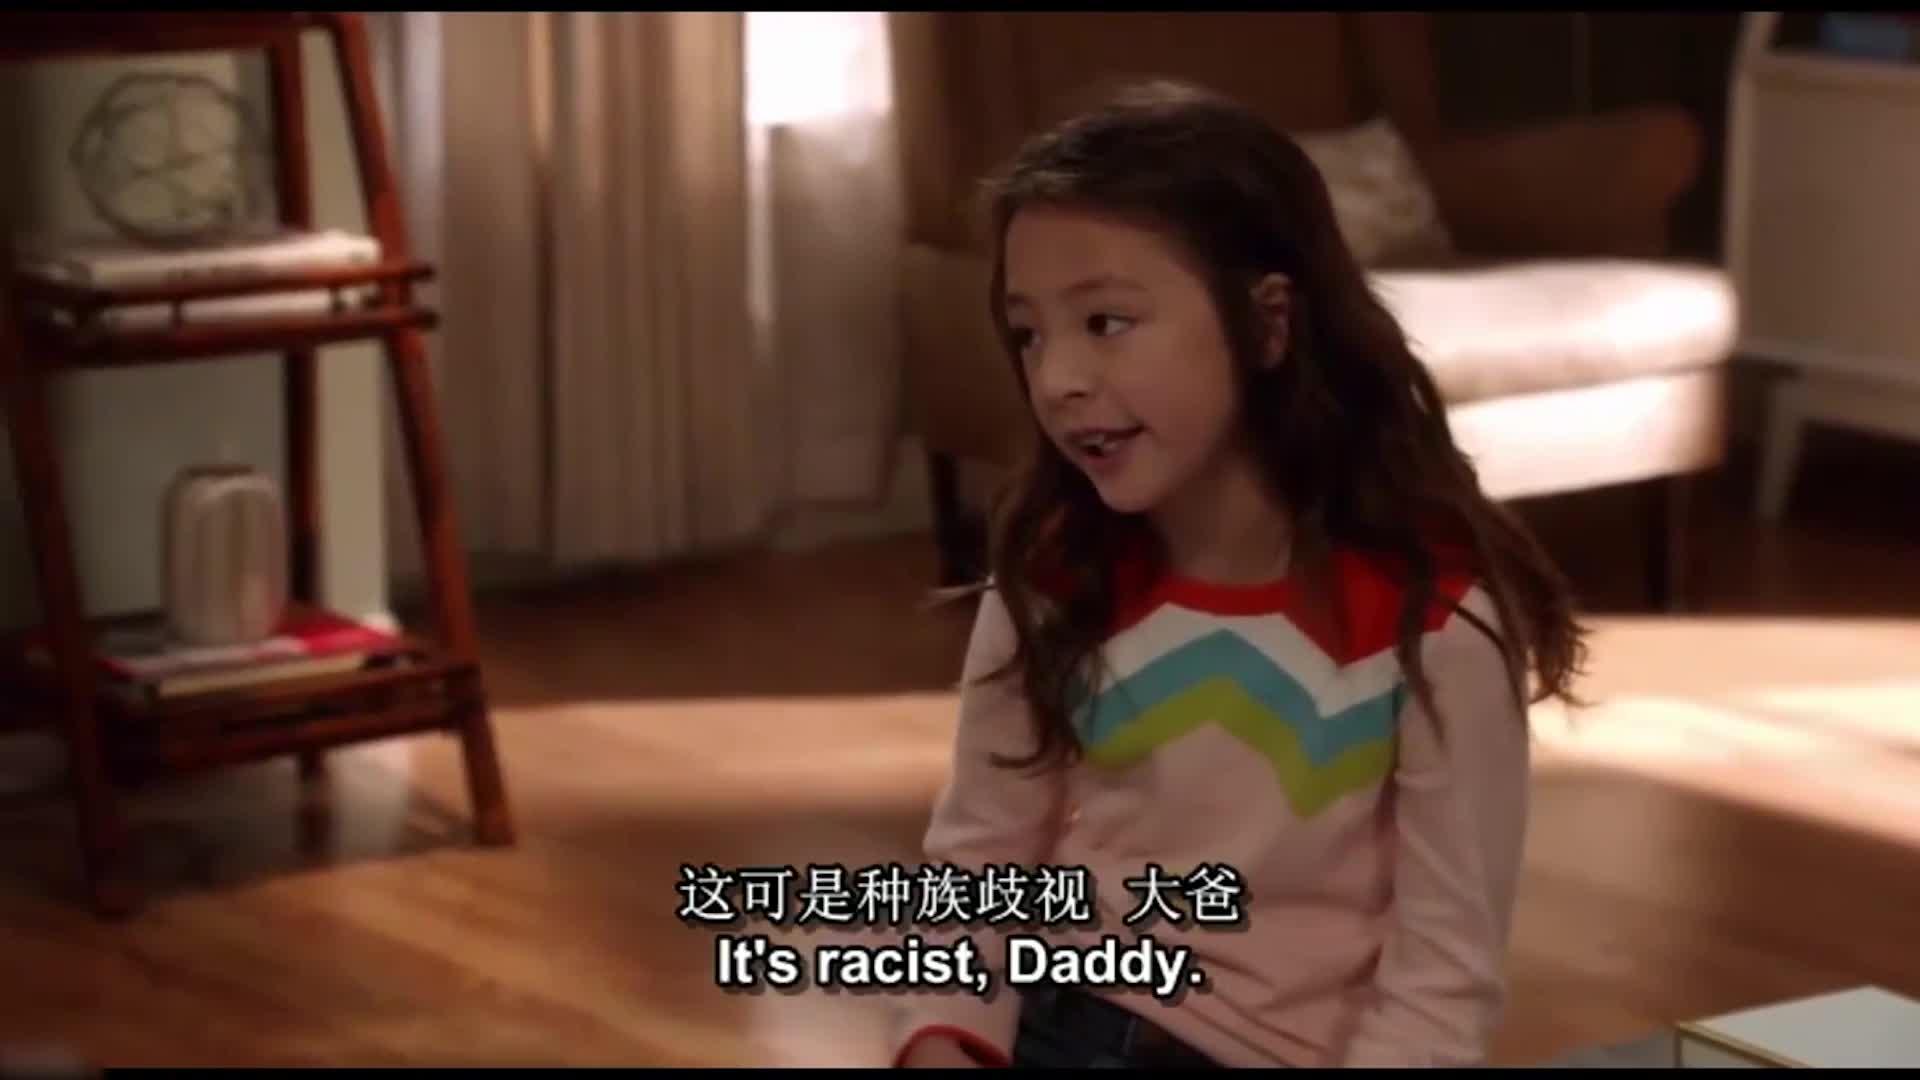 基友家来人做客,父亲认为女儿喜欢男孩,教她如何搭讪